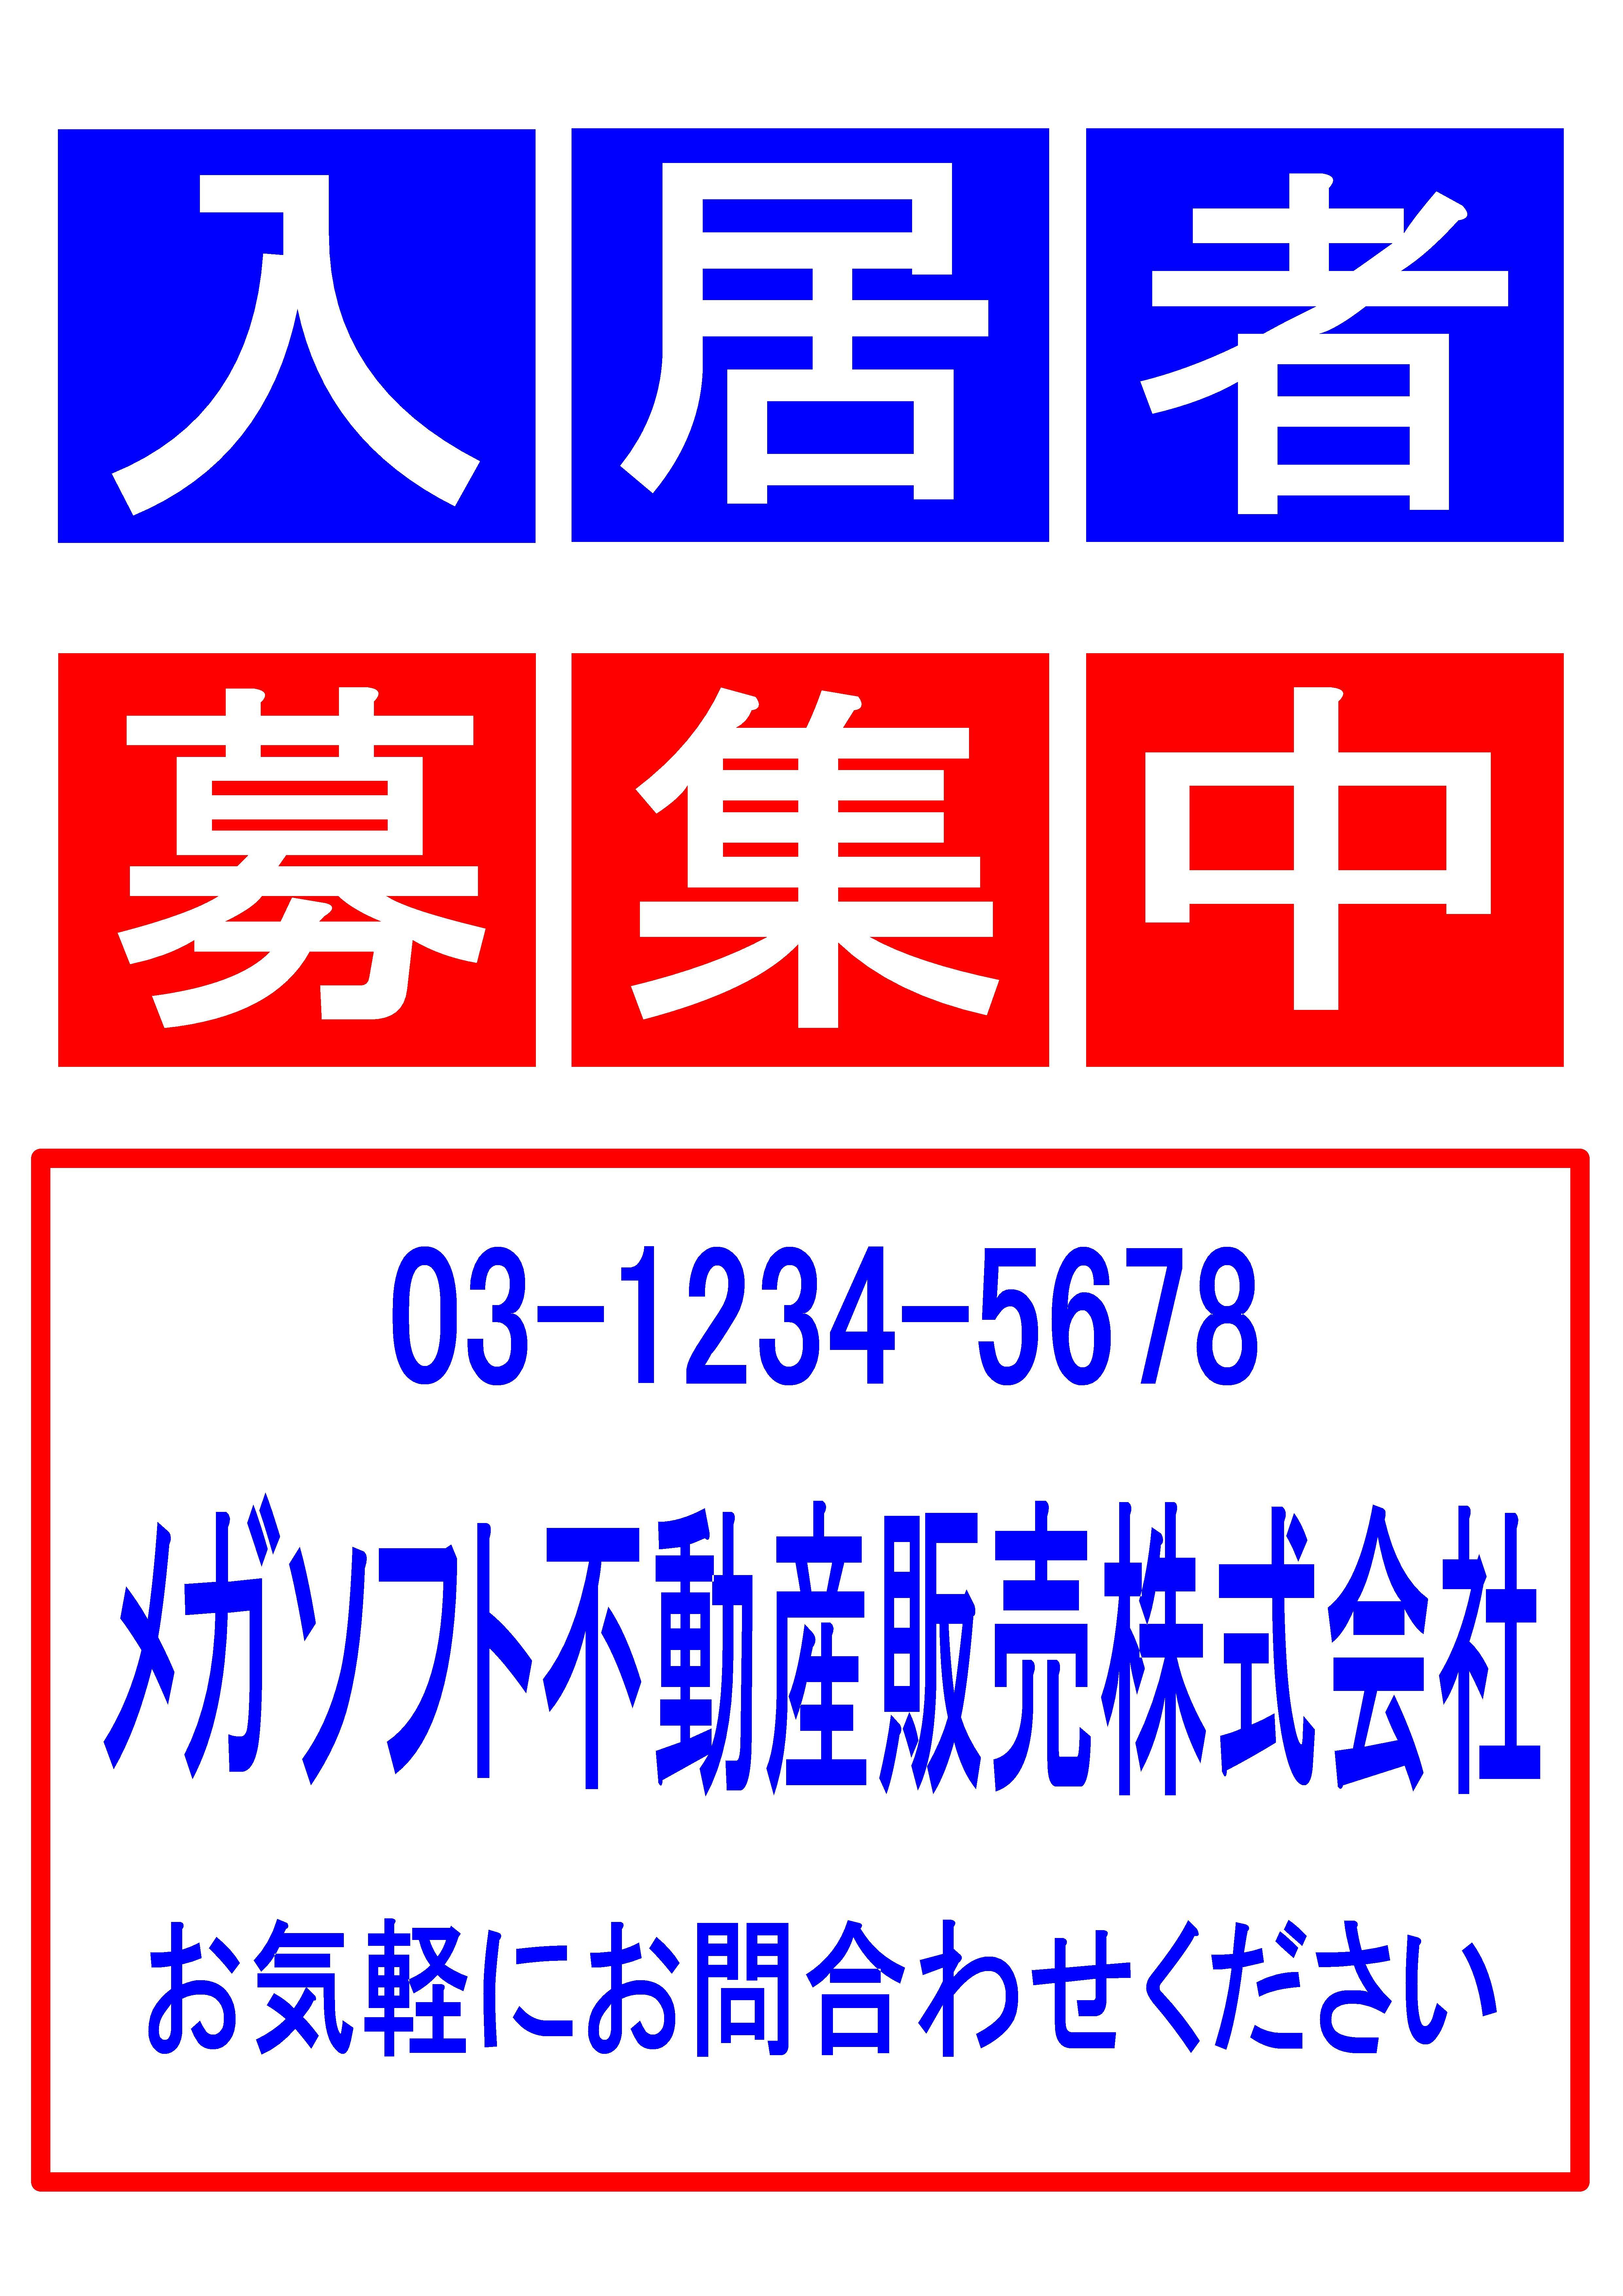 案内板・入居者募集-不動産広告チラシテンプレートのダウンロード